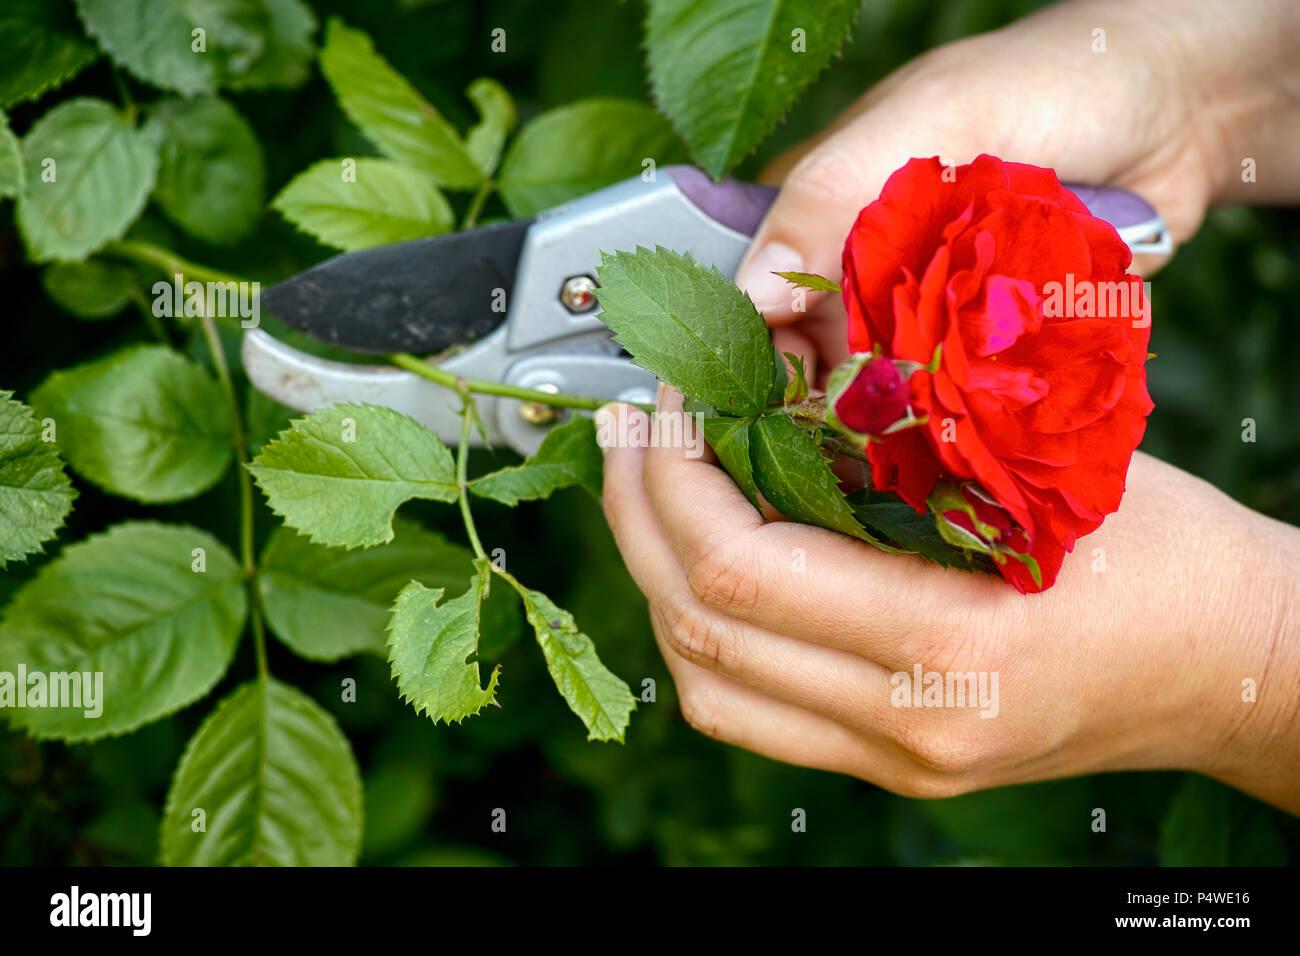 Frau Hände mit Garten Scheren Schneiden rote Rose von Bush. Stockbild